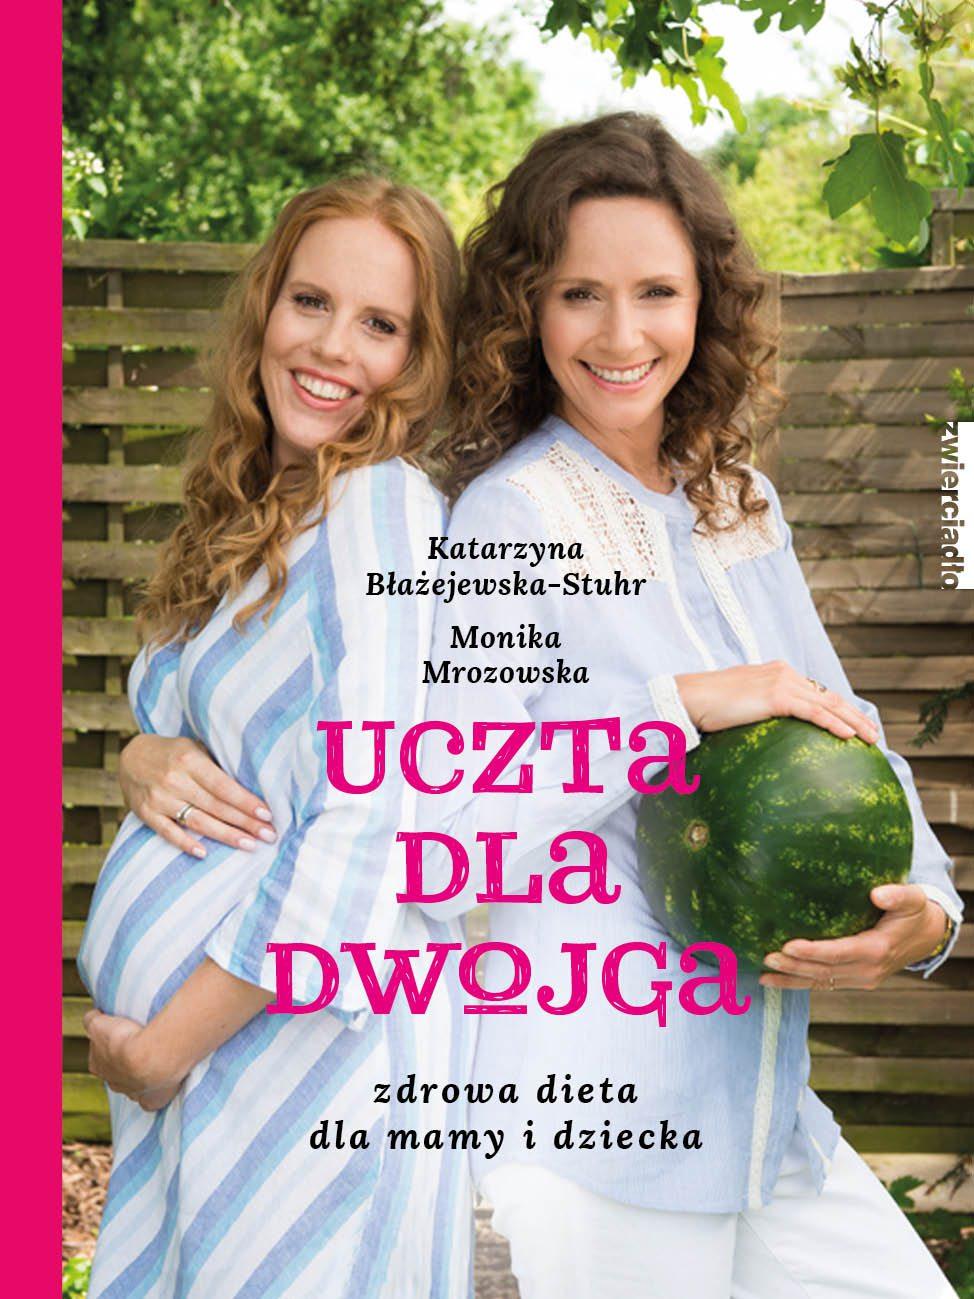 Uczta dla dwojga. Zdrowa dieta dla mamy i dziecka - Ebook (Książka EPUB) do pobrania w formacie EPUB